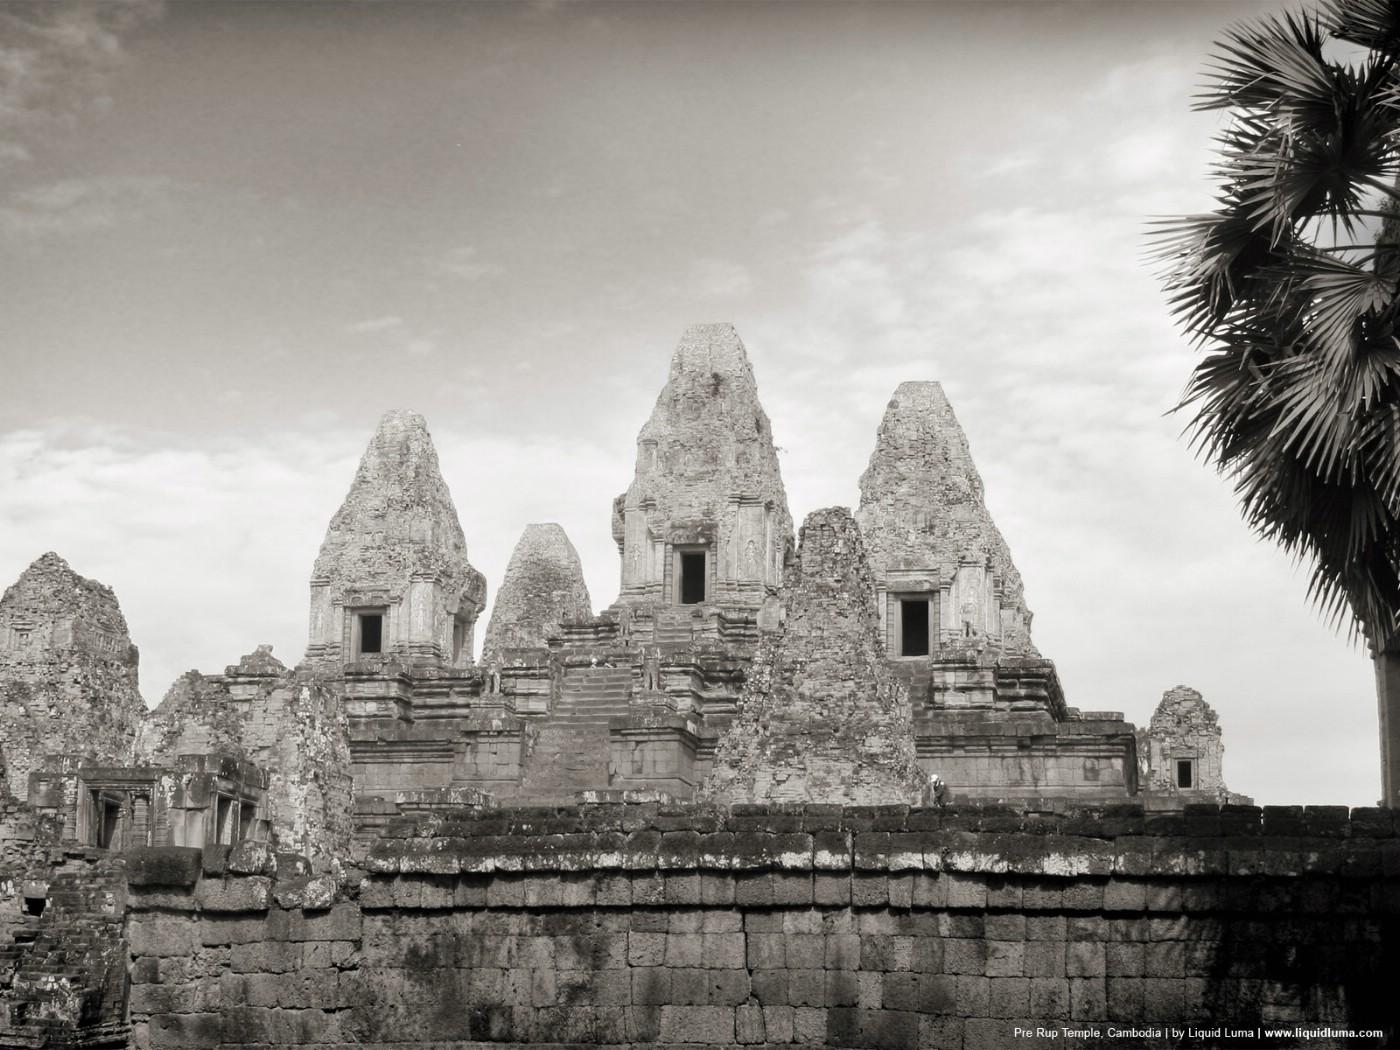 壁纸1400×1050纯粹的光影美学 人文建筑黑白摄影壁纸 Pre Rup Temple Cambodia 柬埔寨吴哥窟的变身塔桌面壁纸壁纸 纯粹的光影美学人文建筑黑白摄影壁纸壁纸图片人文壁纸人文图片素材桌面壁纸